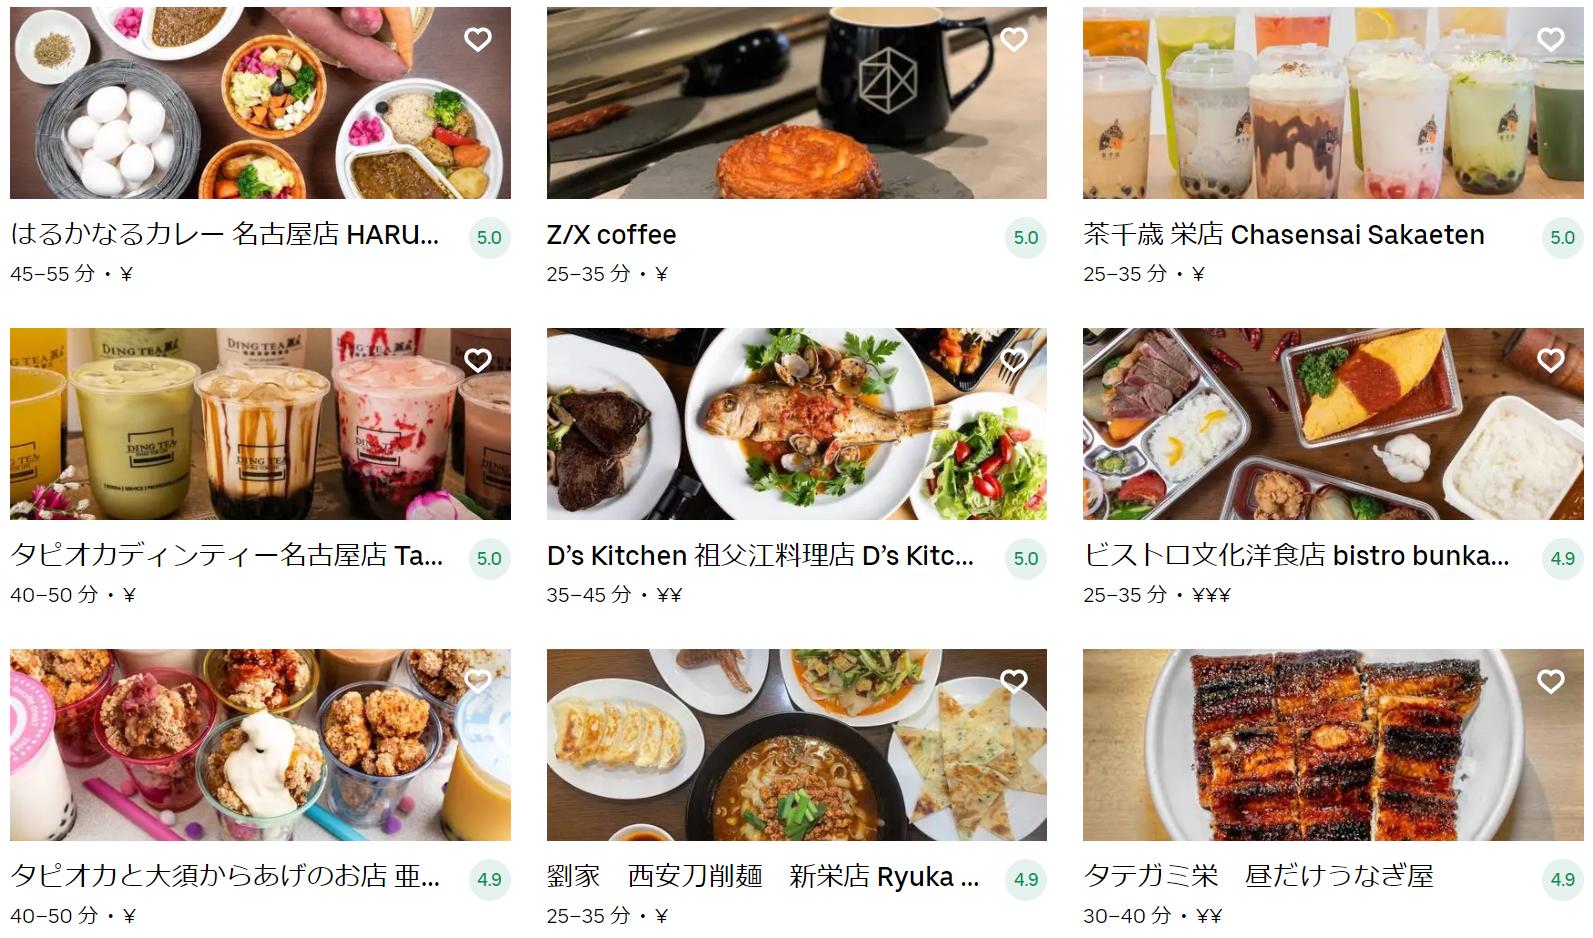 名古屋市東区エリアのおすすめUber Eats(ウーバーイーツ)メニュー